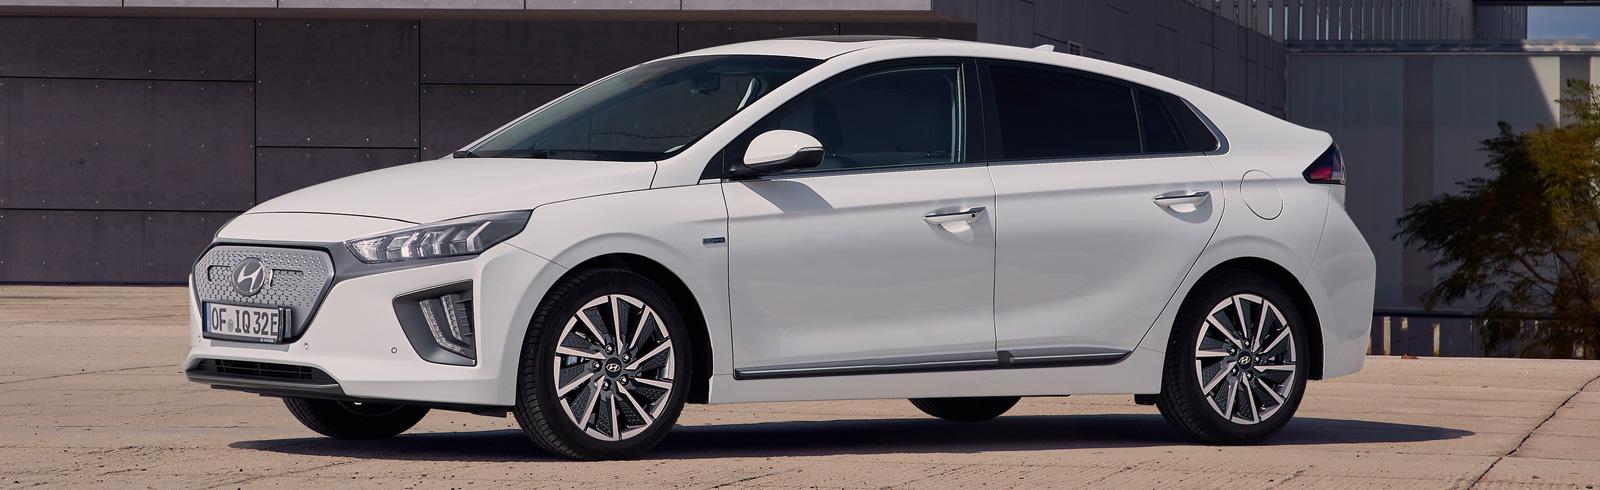 2020 Hyundai IONIQ Electric prices are announced